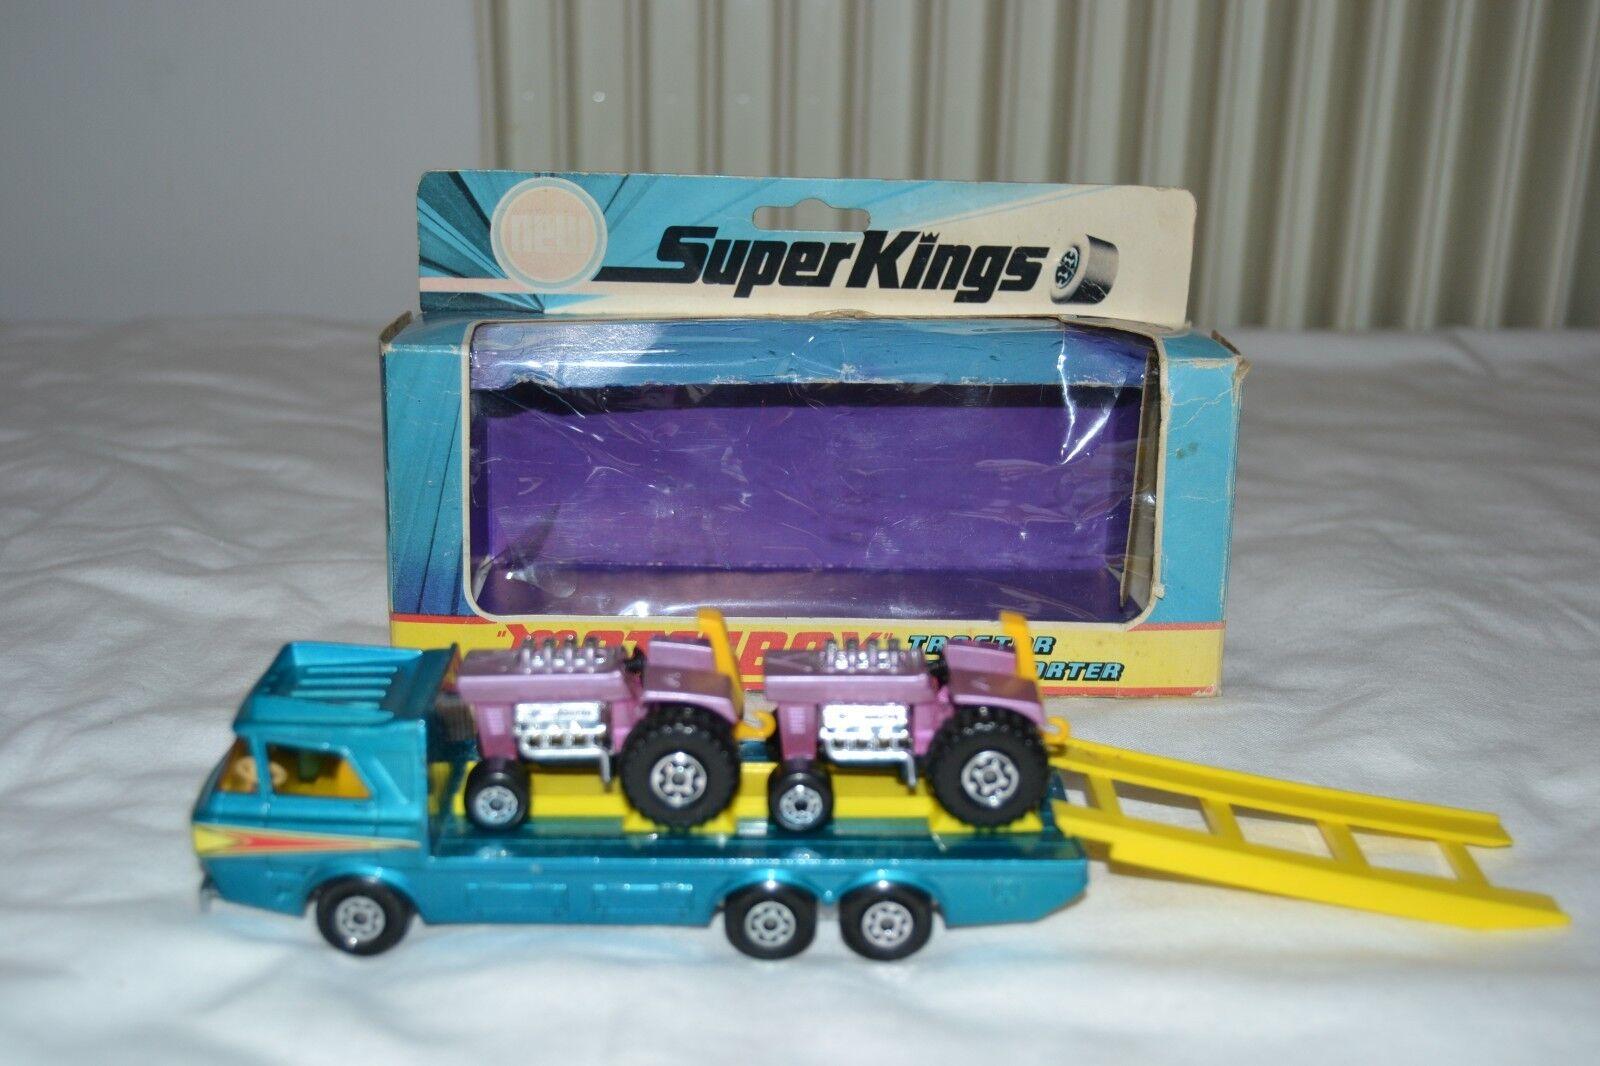 VEHICULE VINTAGE MATCHBOX SUPER KINGS K-21 TRACTOR TRANSPORTER 1974 LESNEY   boutique en ligne